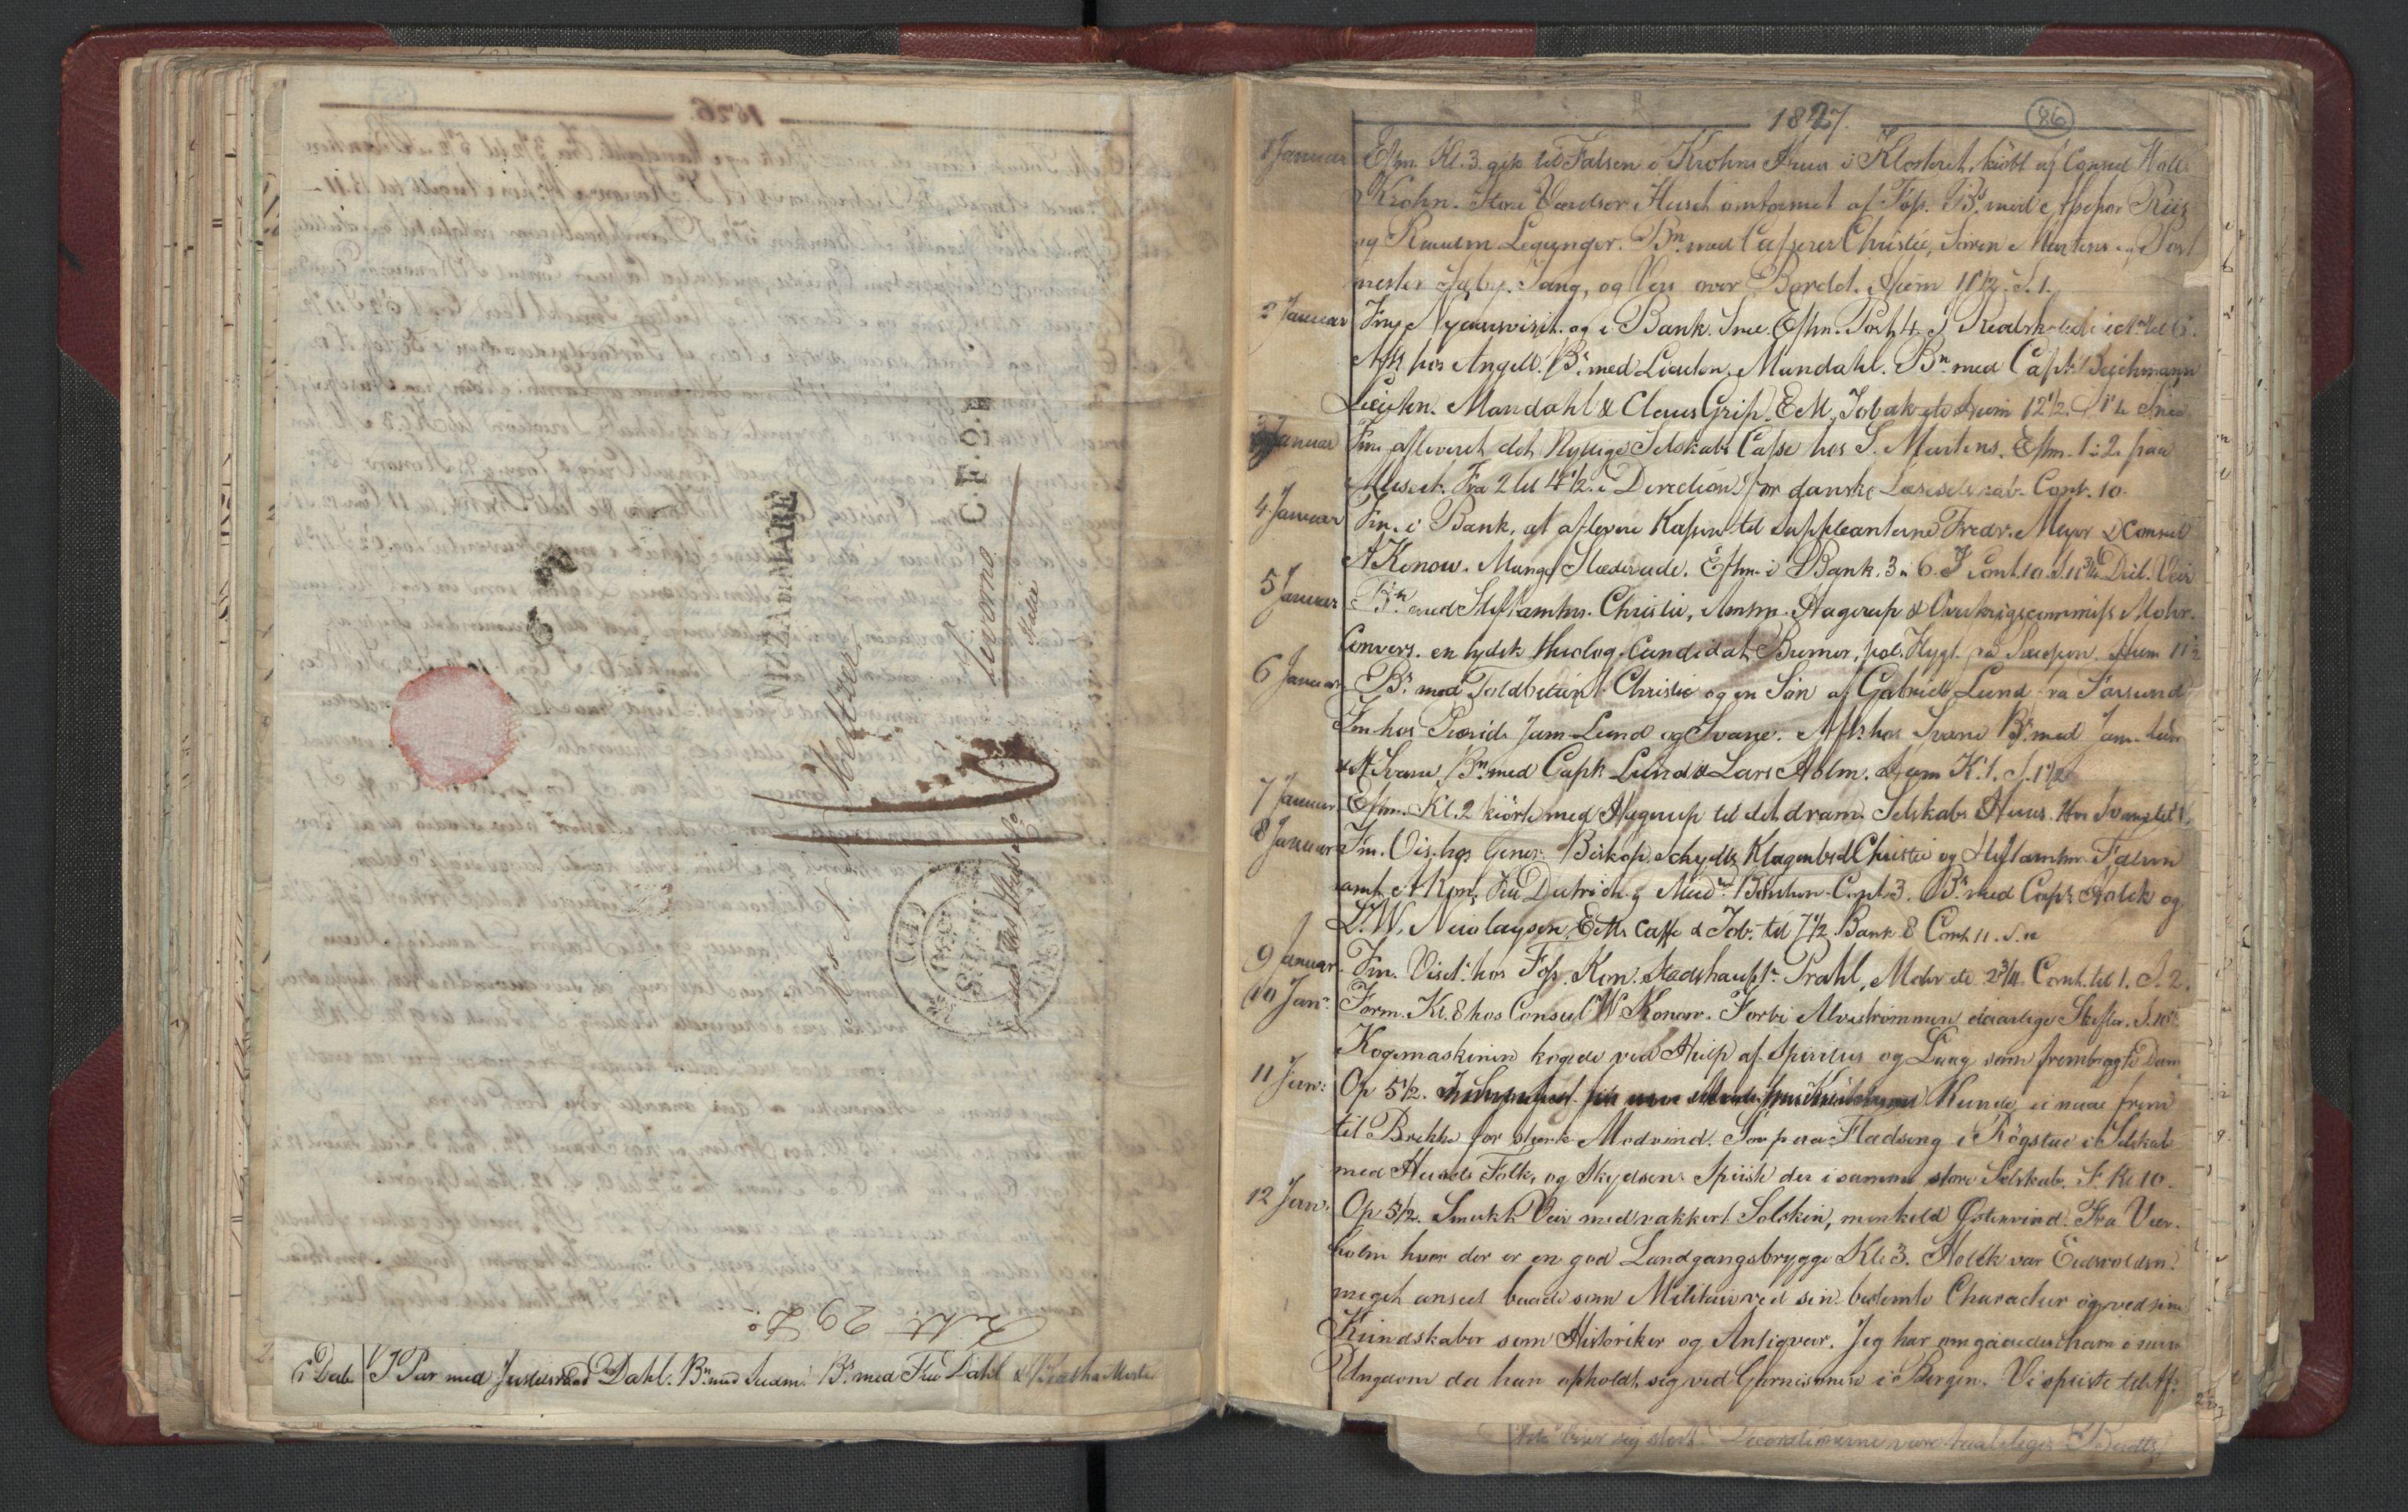 RA, Meltzer, Fredrik, F/L0003: Dagbok, 1821-1831, s. 85b-86a